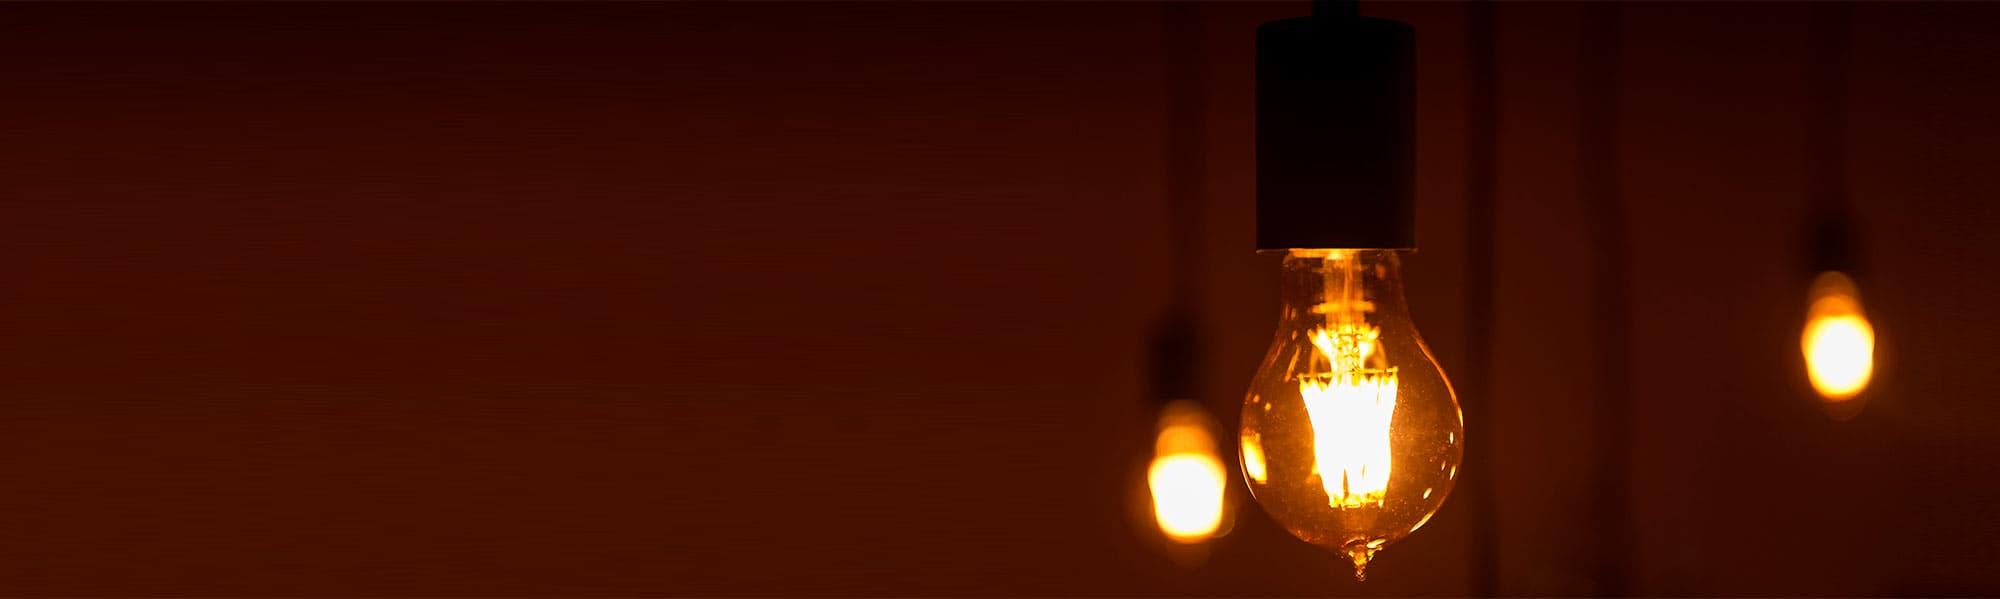 ¿Qué es la luz cálida y dónde utilizarla?